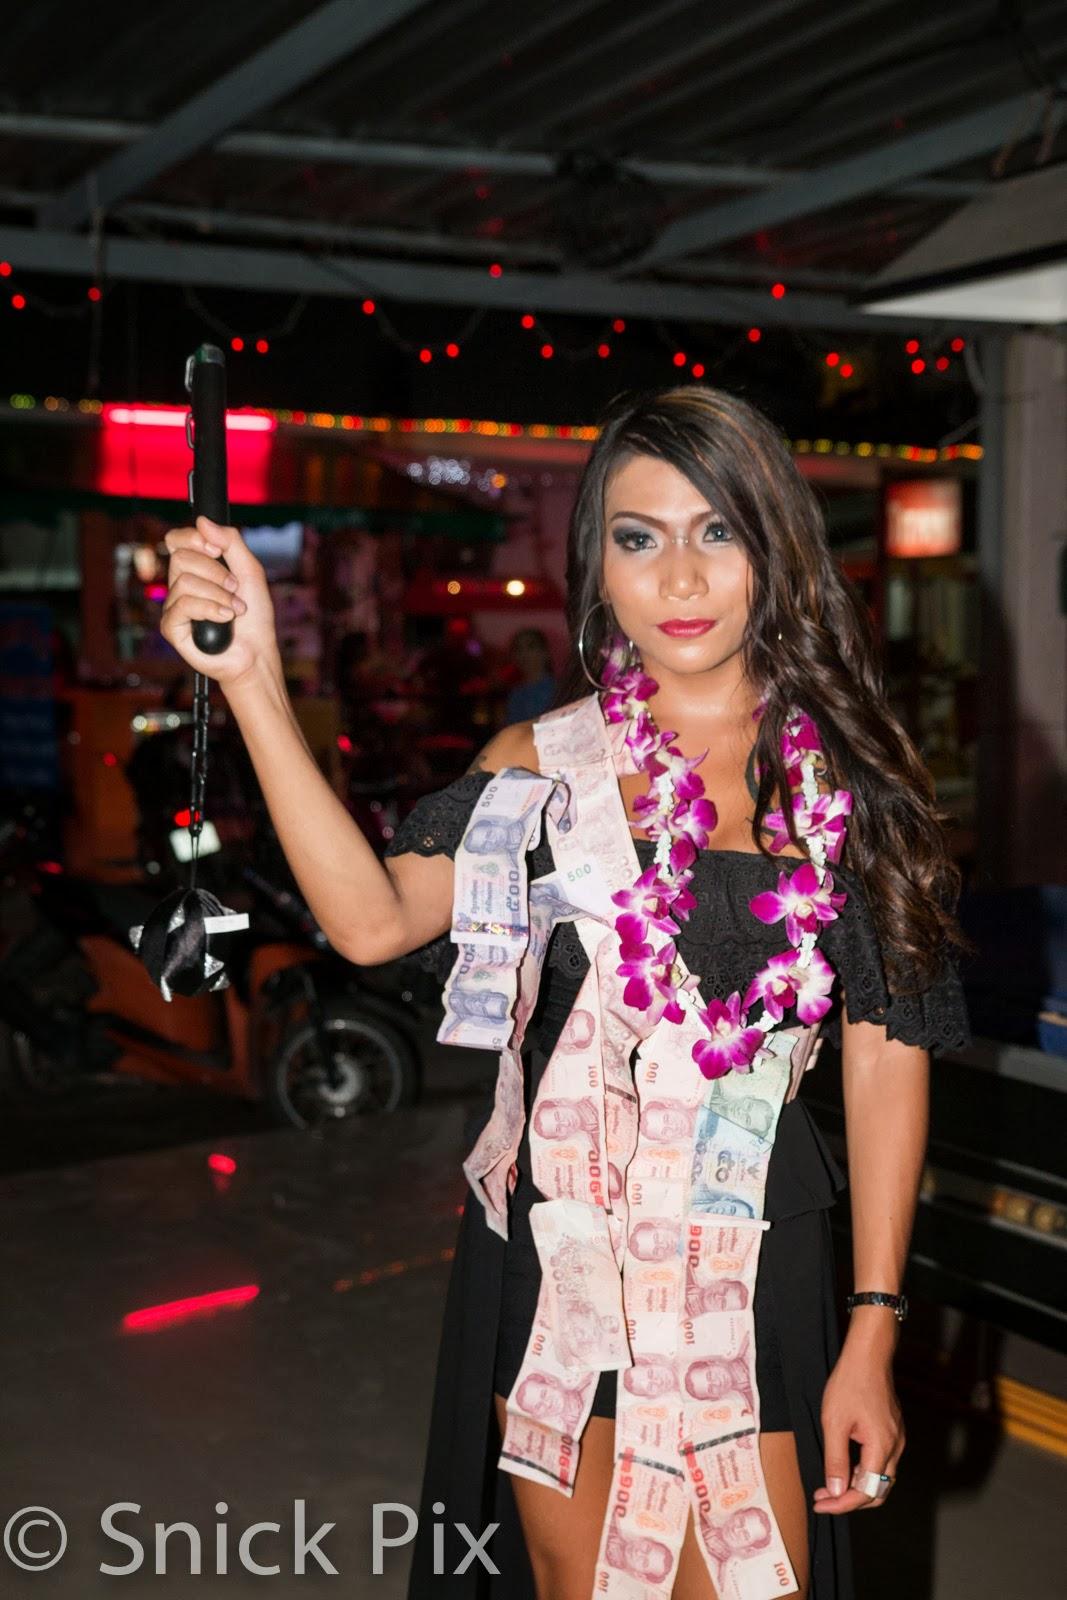 Halloween At Sensations Sensations Bar Pattaya